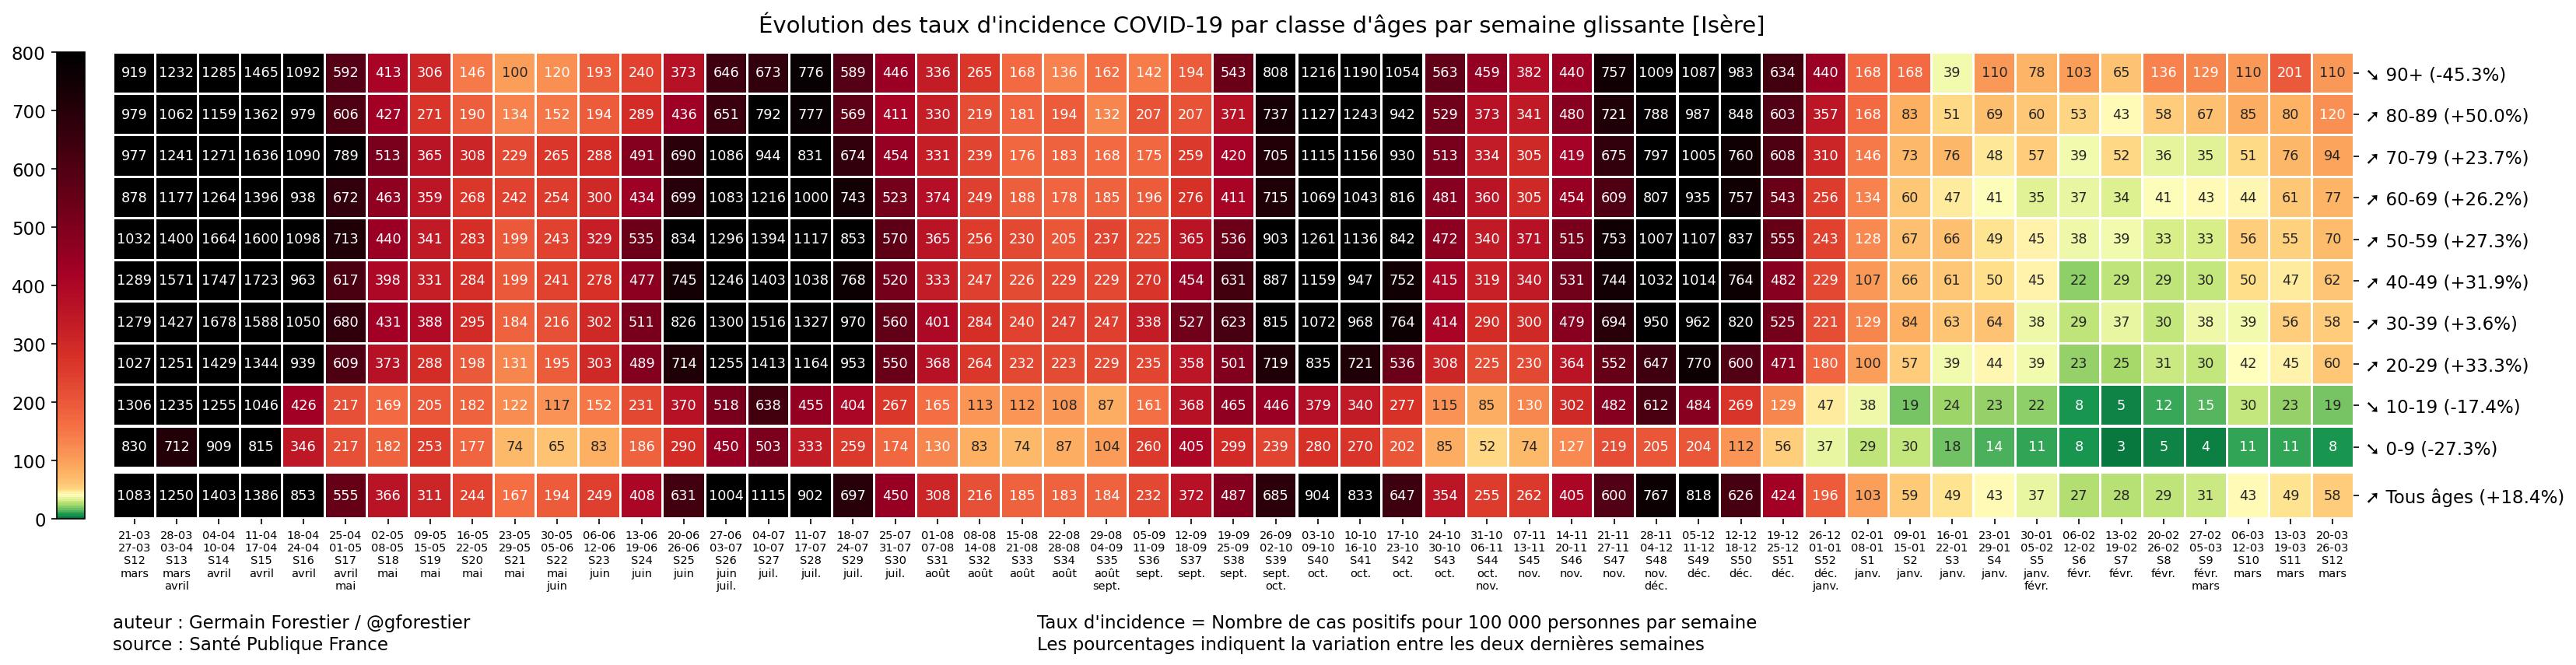 Le coronavirus COVID-19 - Infos, évolution et conséquences - Page 5 38_Is%C3%A8re-heatmap-incid-semaine